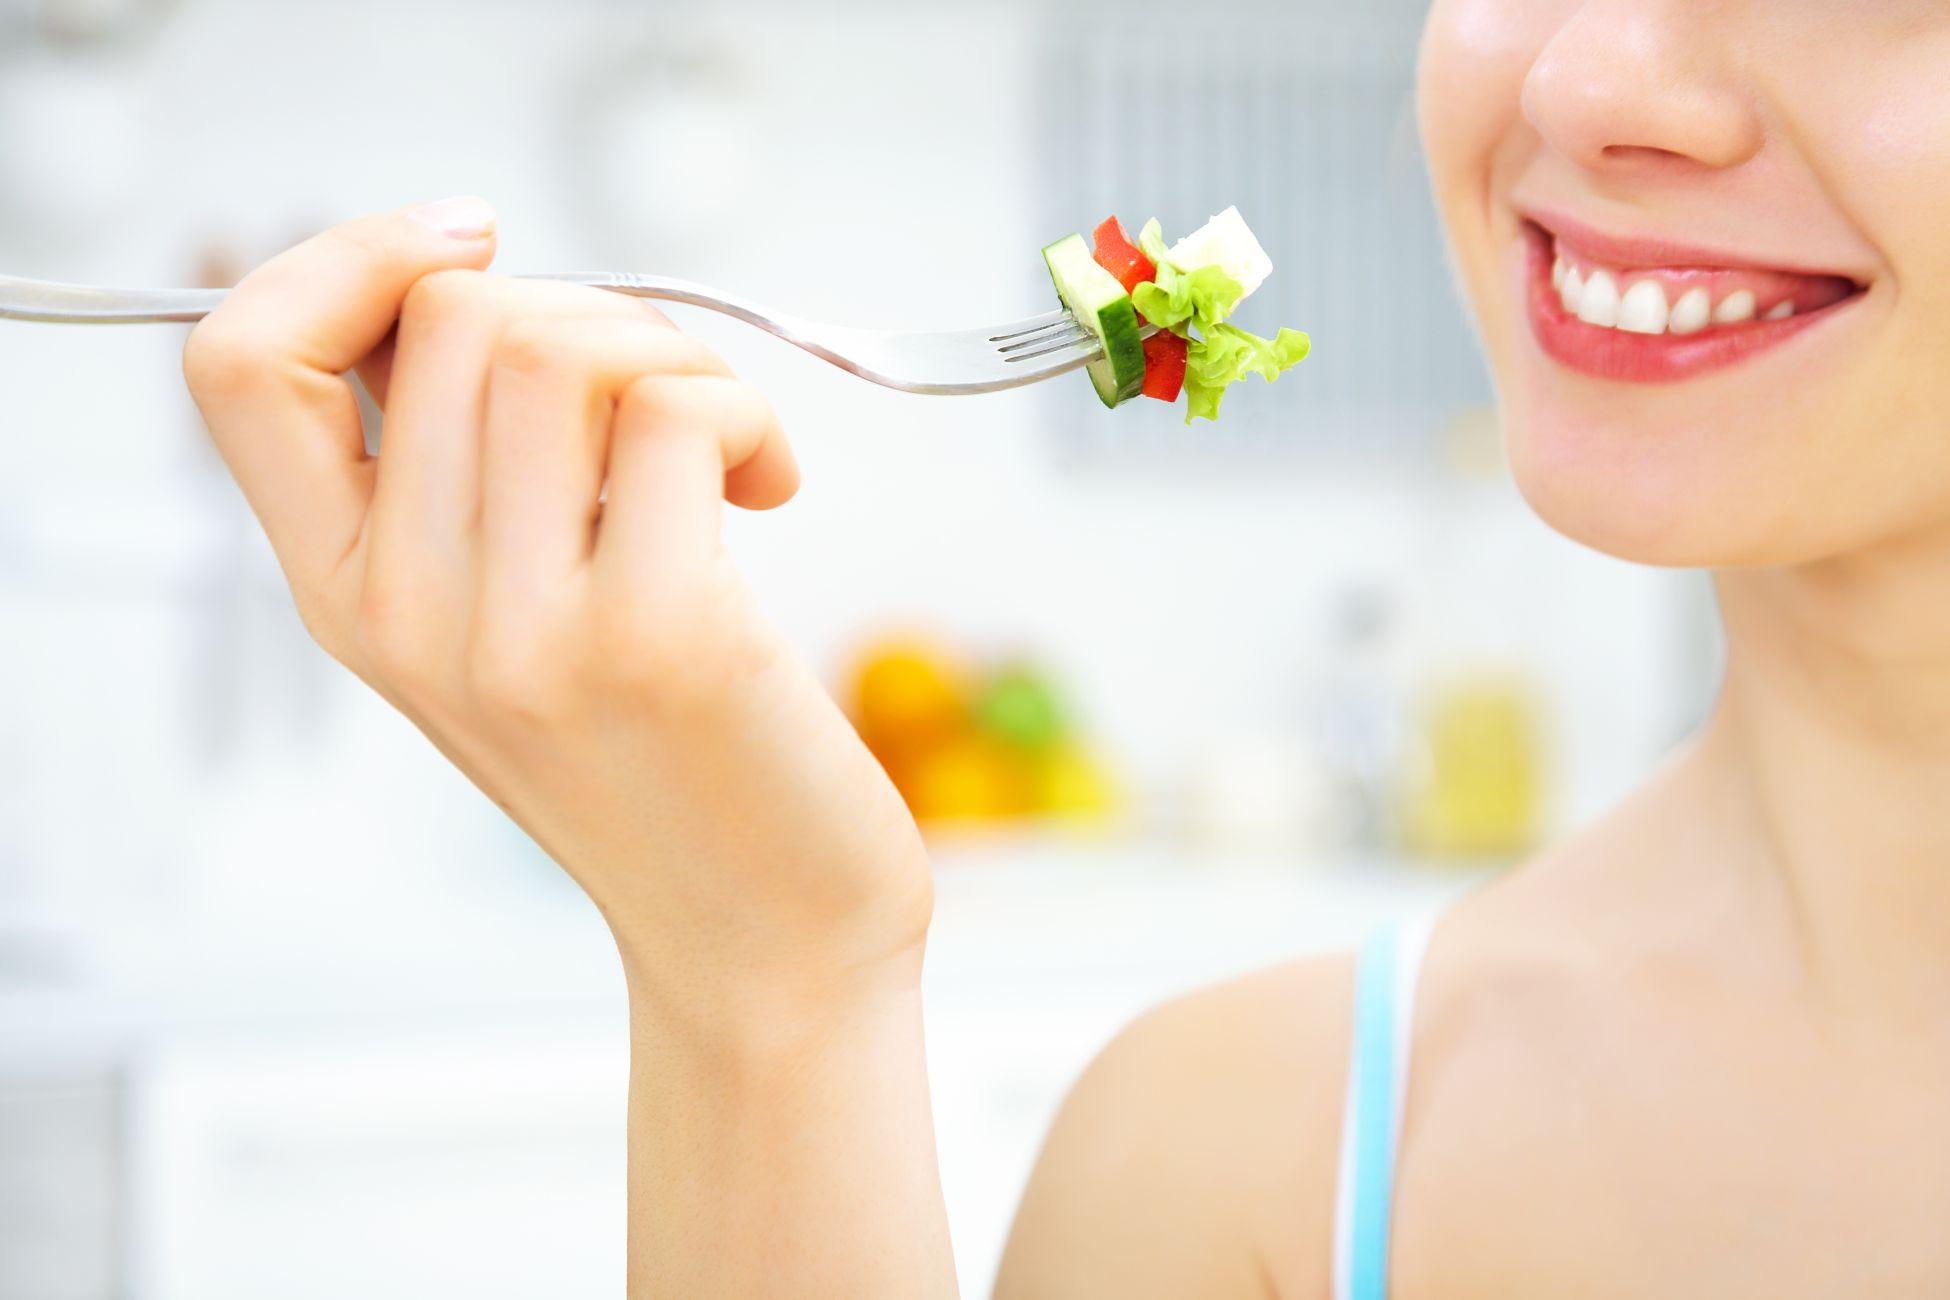 studiu de pierdere în greutate uic)